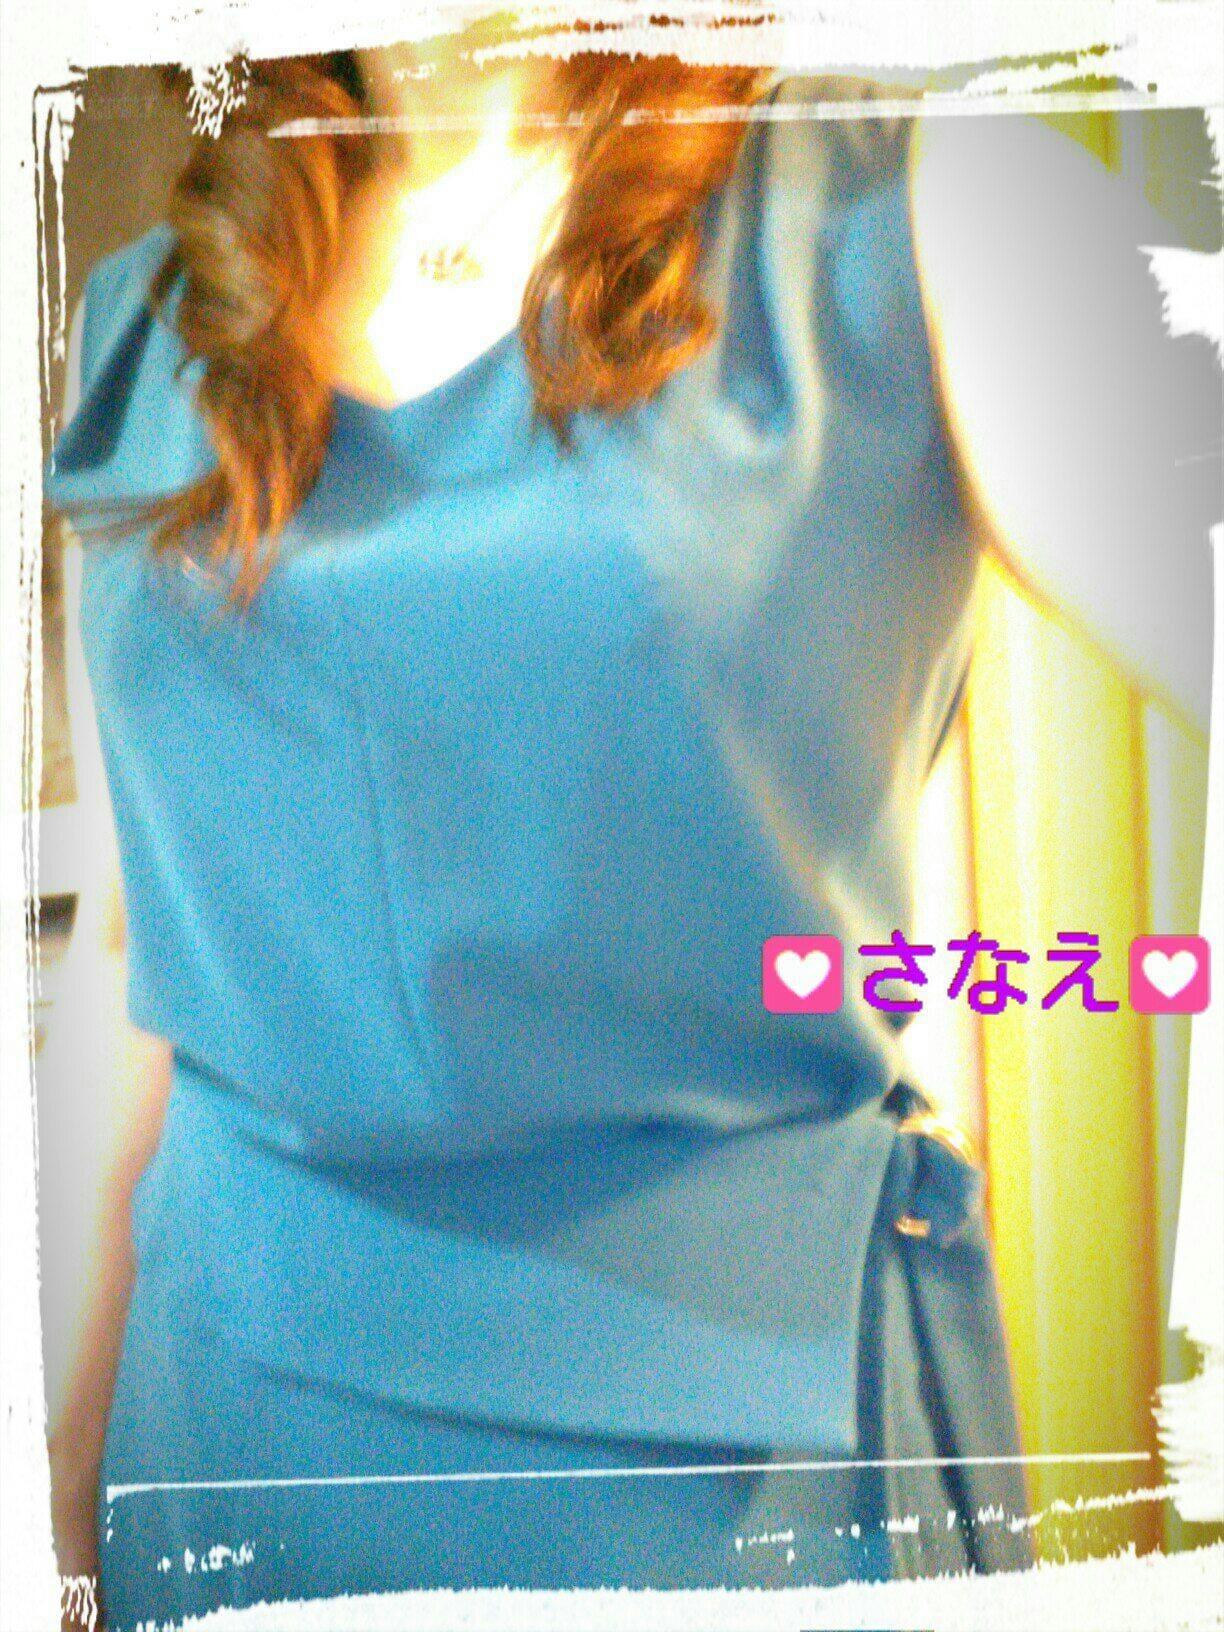 「出勤しました♪」06/12(06/12) 15:03 | 和田 早苗の写メ・風俗動画